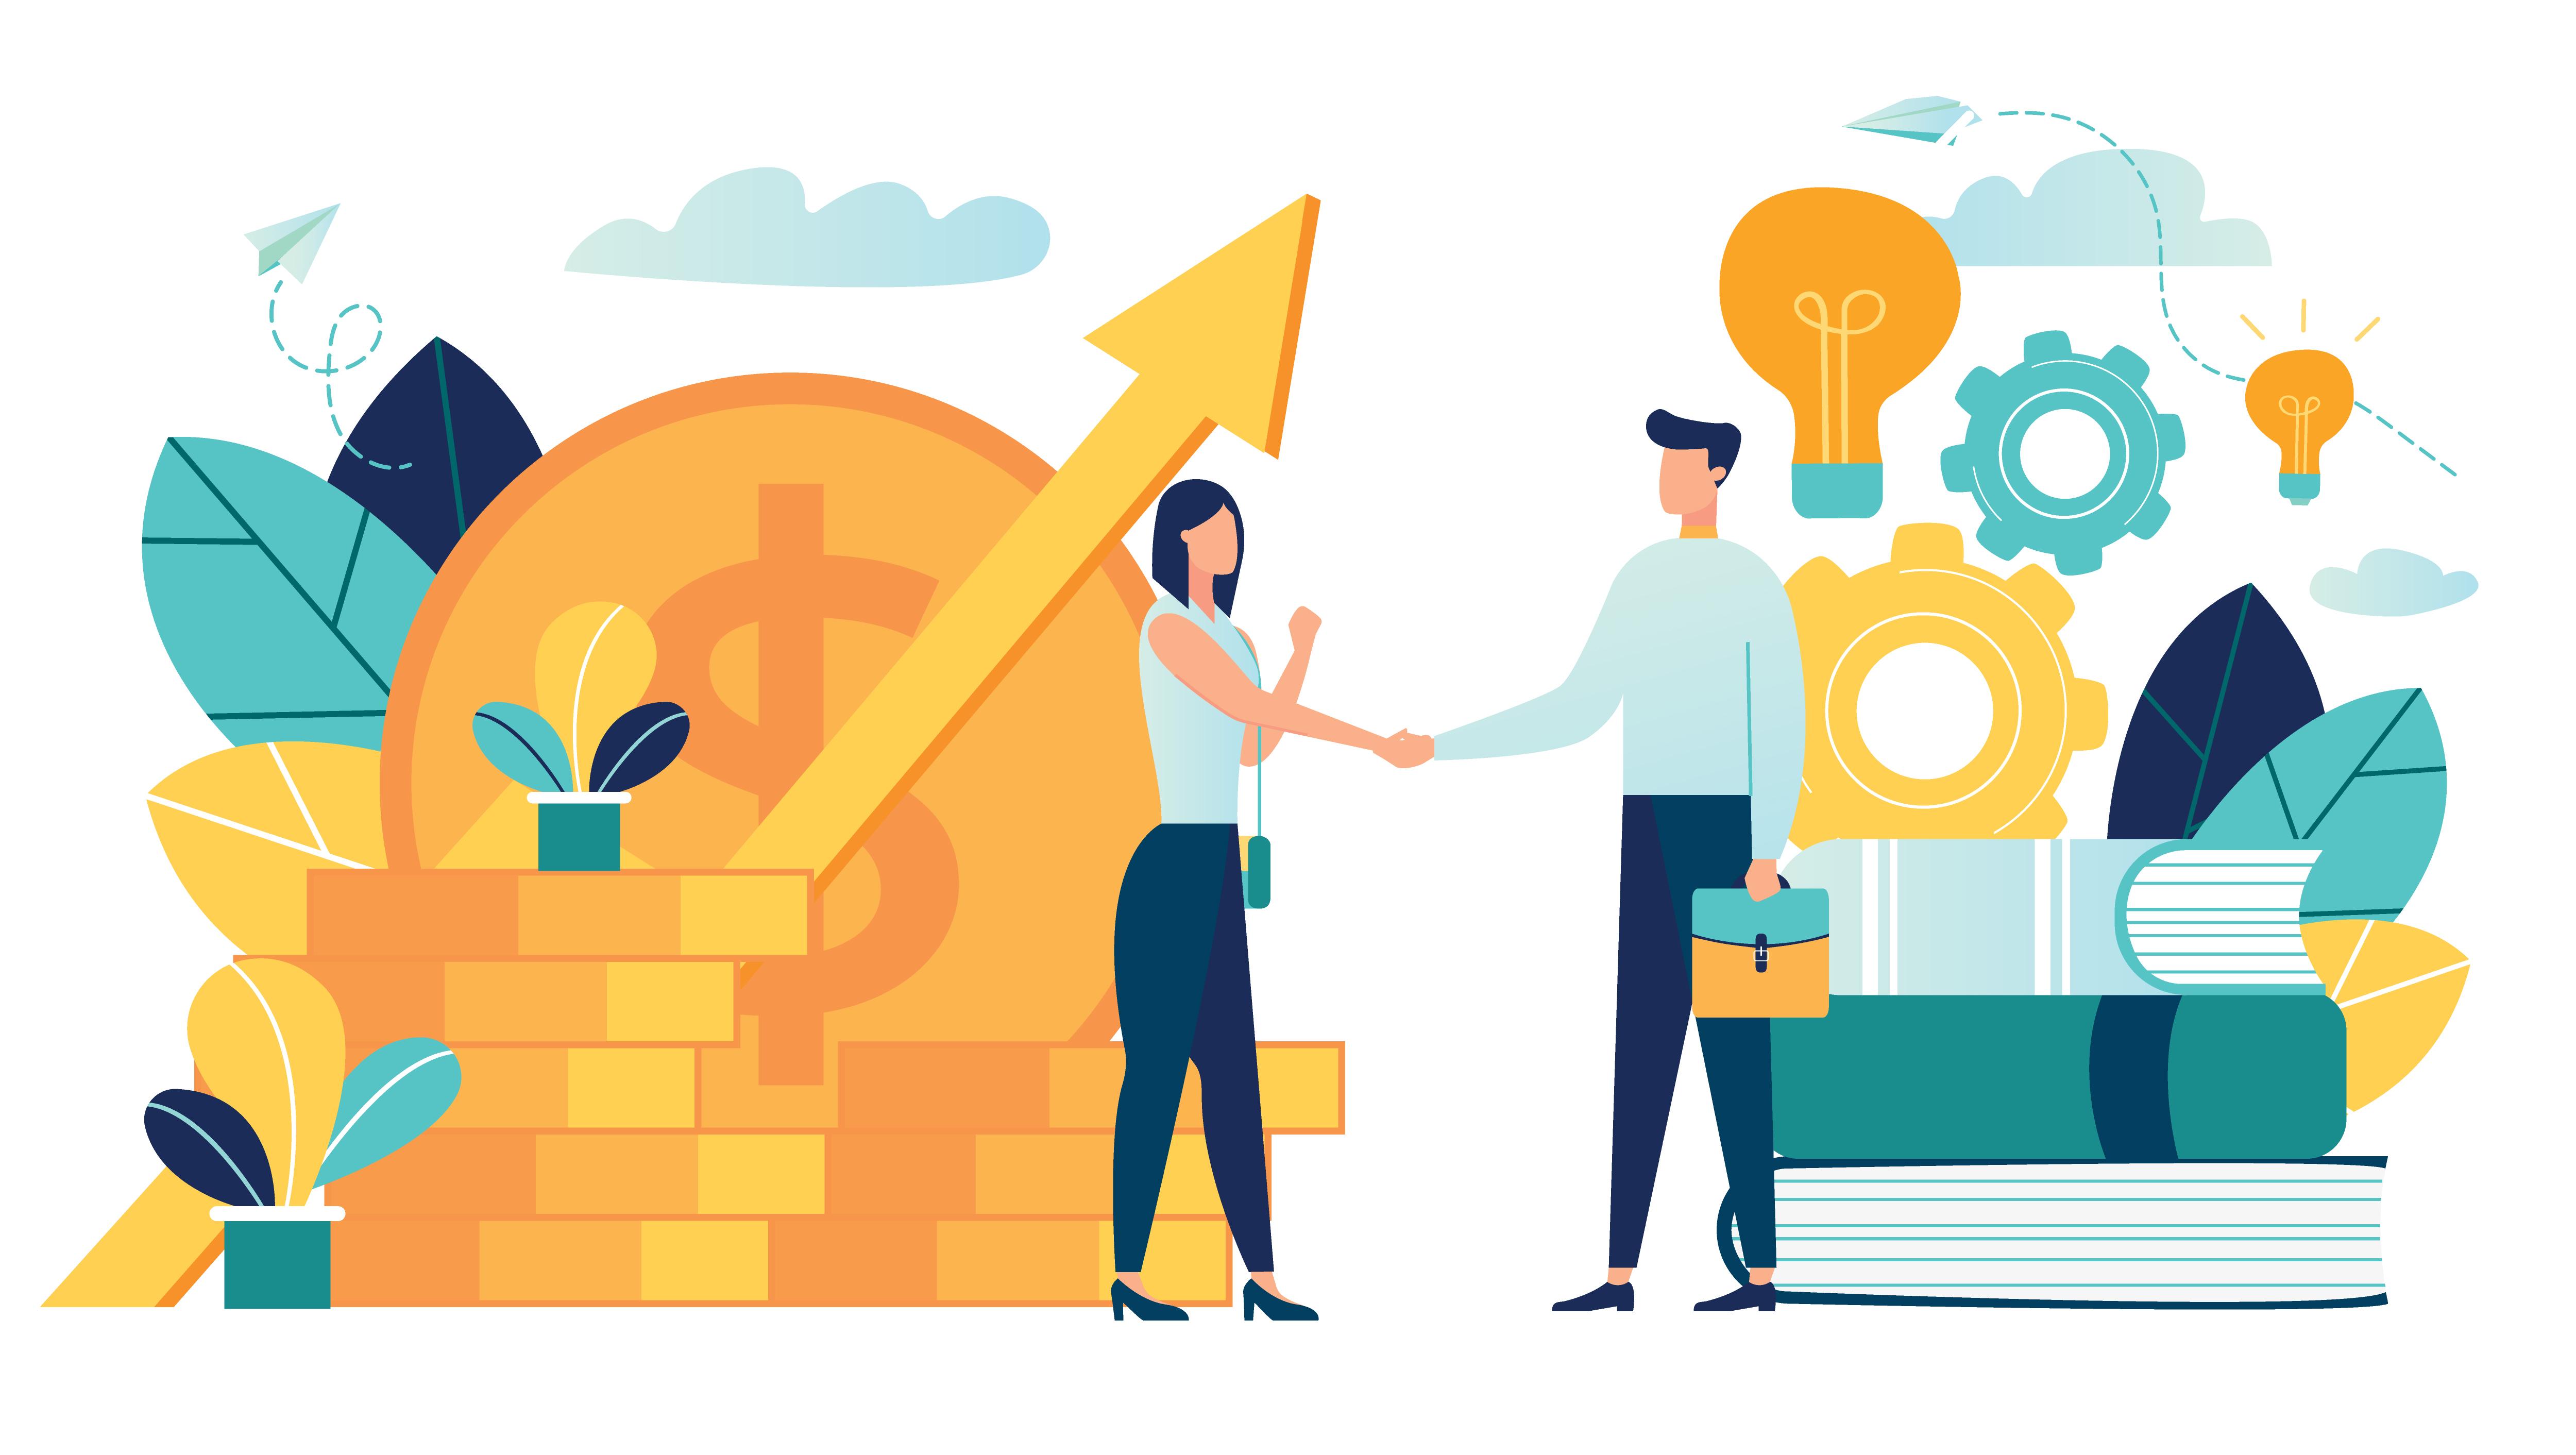 illustrasjon av vekst, økonomi og forretninger